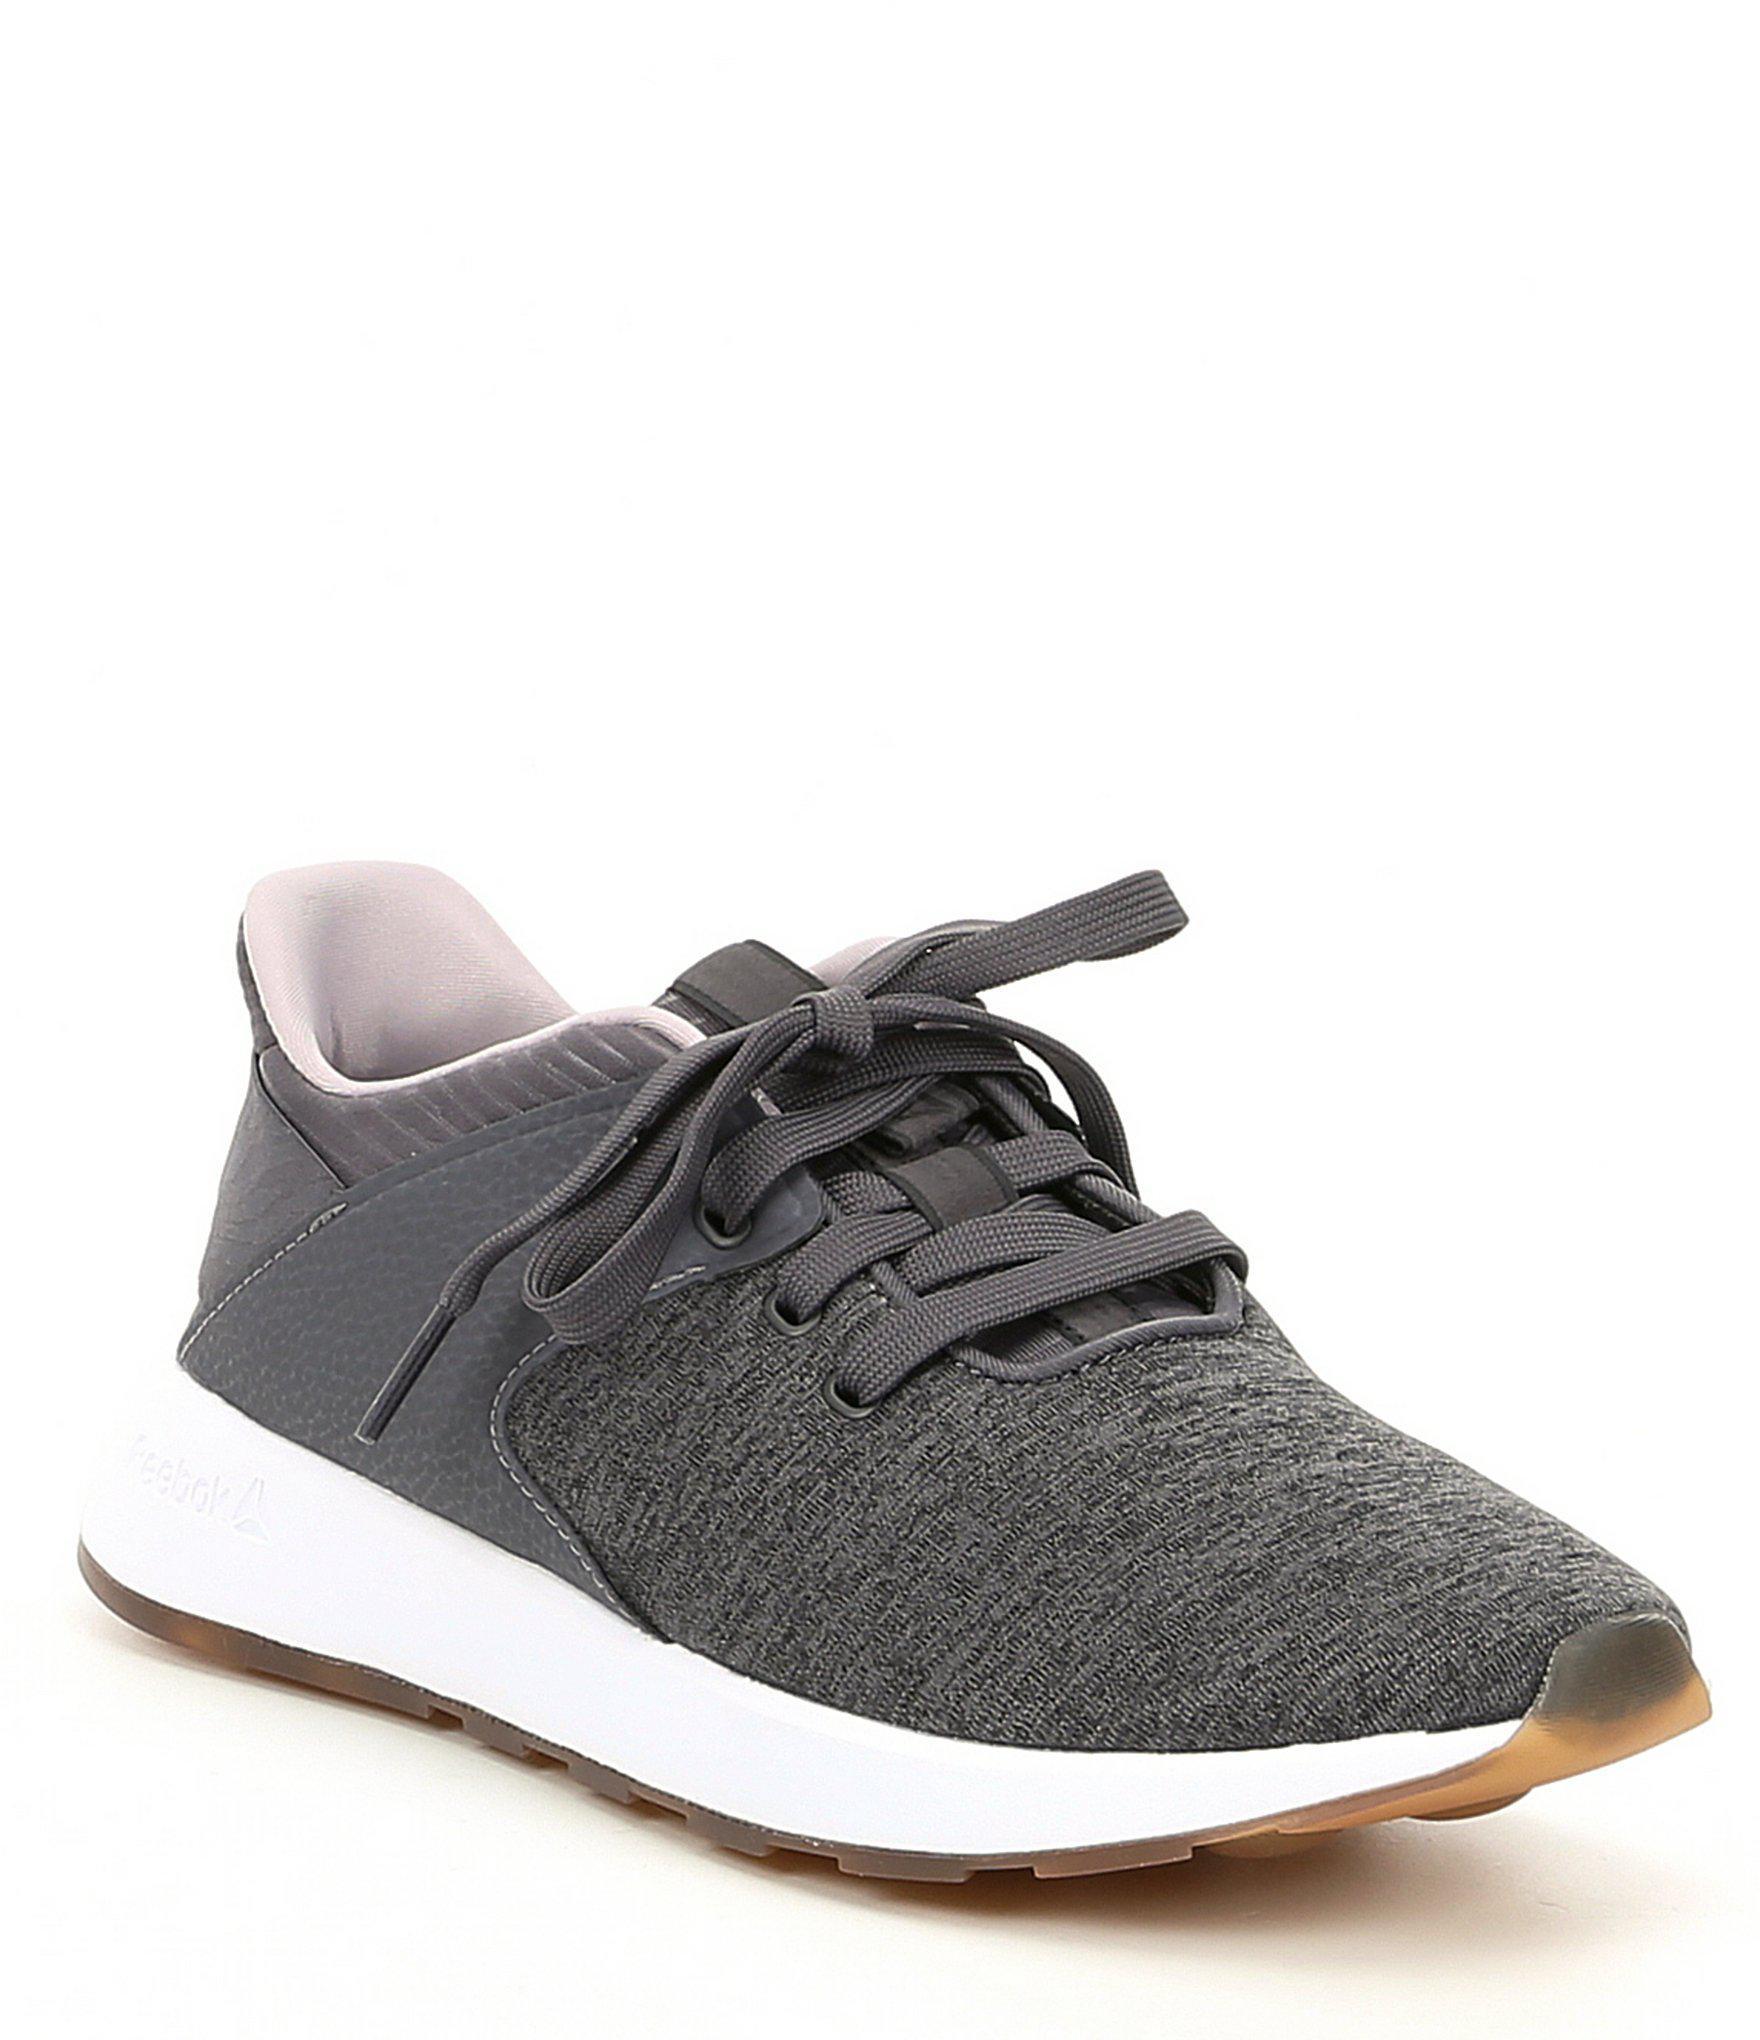 Lyst - Reebok Women s Ever Road Dmx Walking Shoe in Gray a1855b2ac